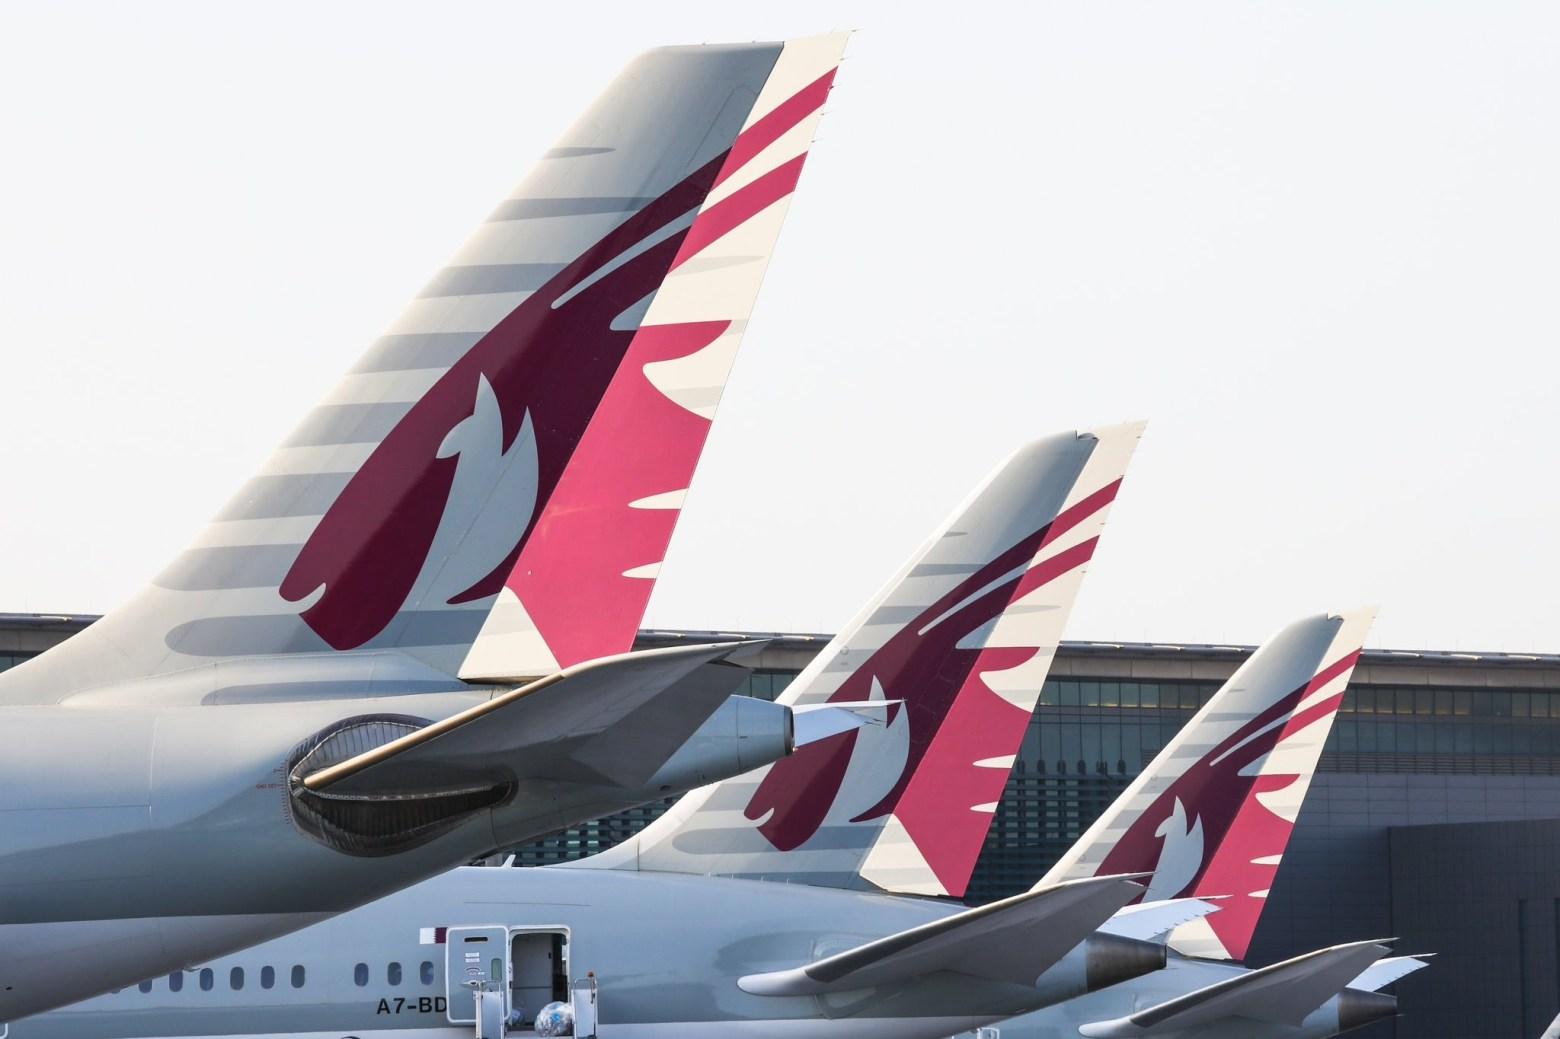 カタール航空(QR)のラウンジがシンガポール(SIN)にオープンします